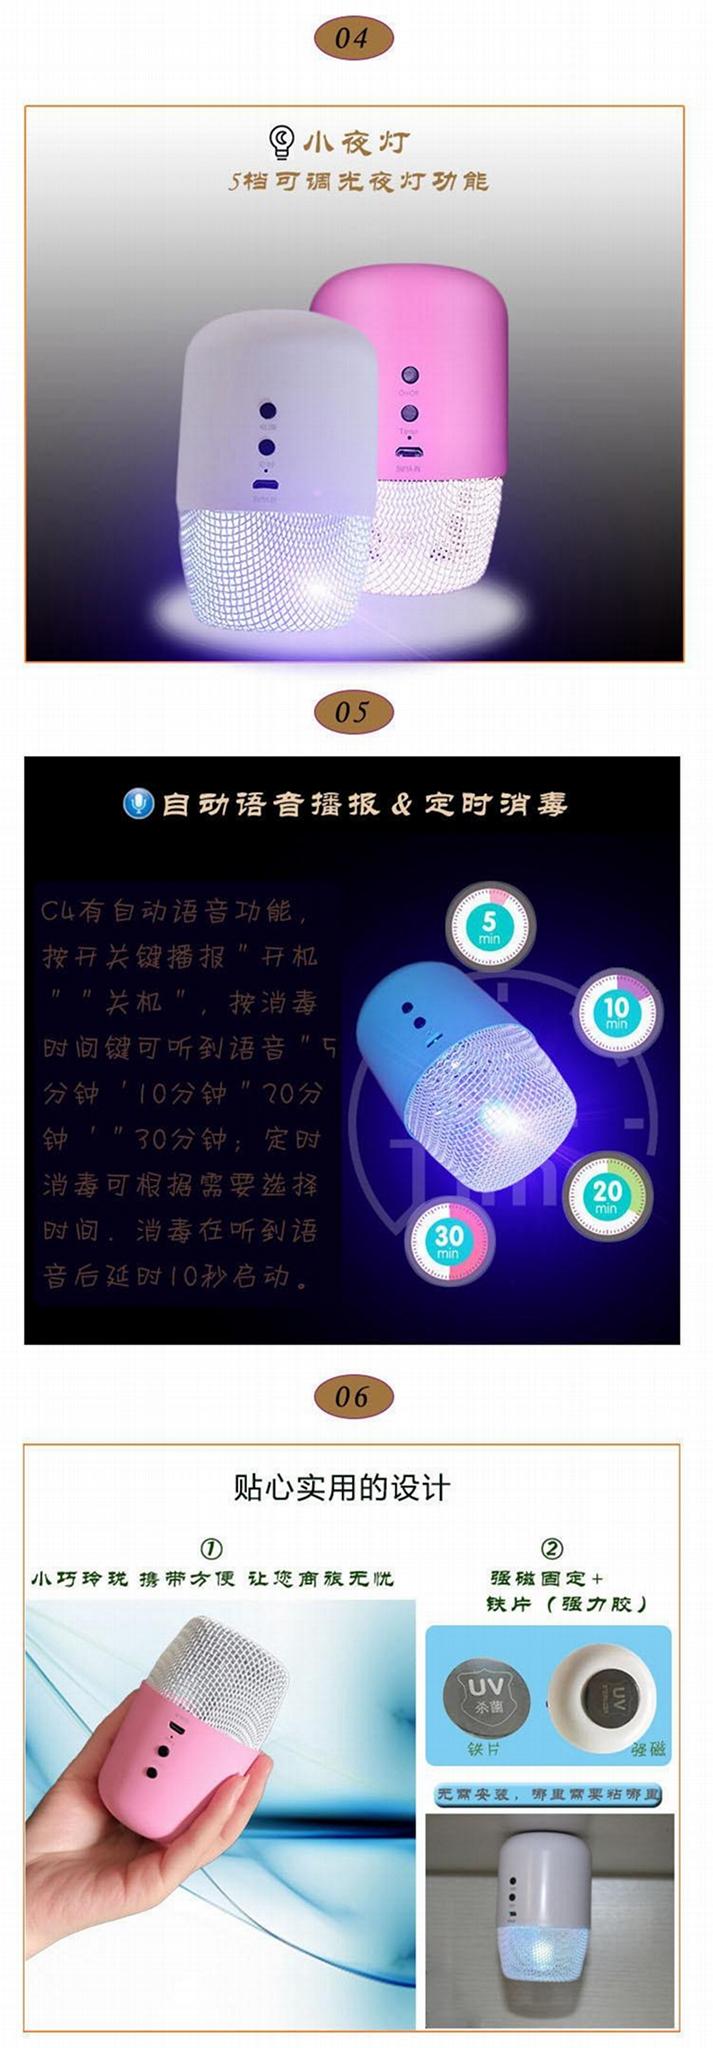 無線遙控居家冰箱汽車用小面積臭氧除臭紫外線滅菌燈 17